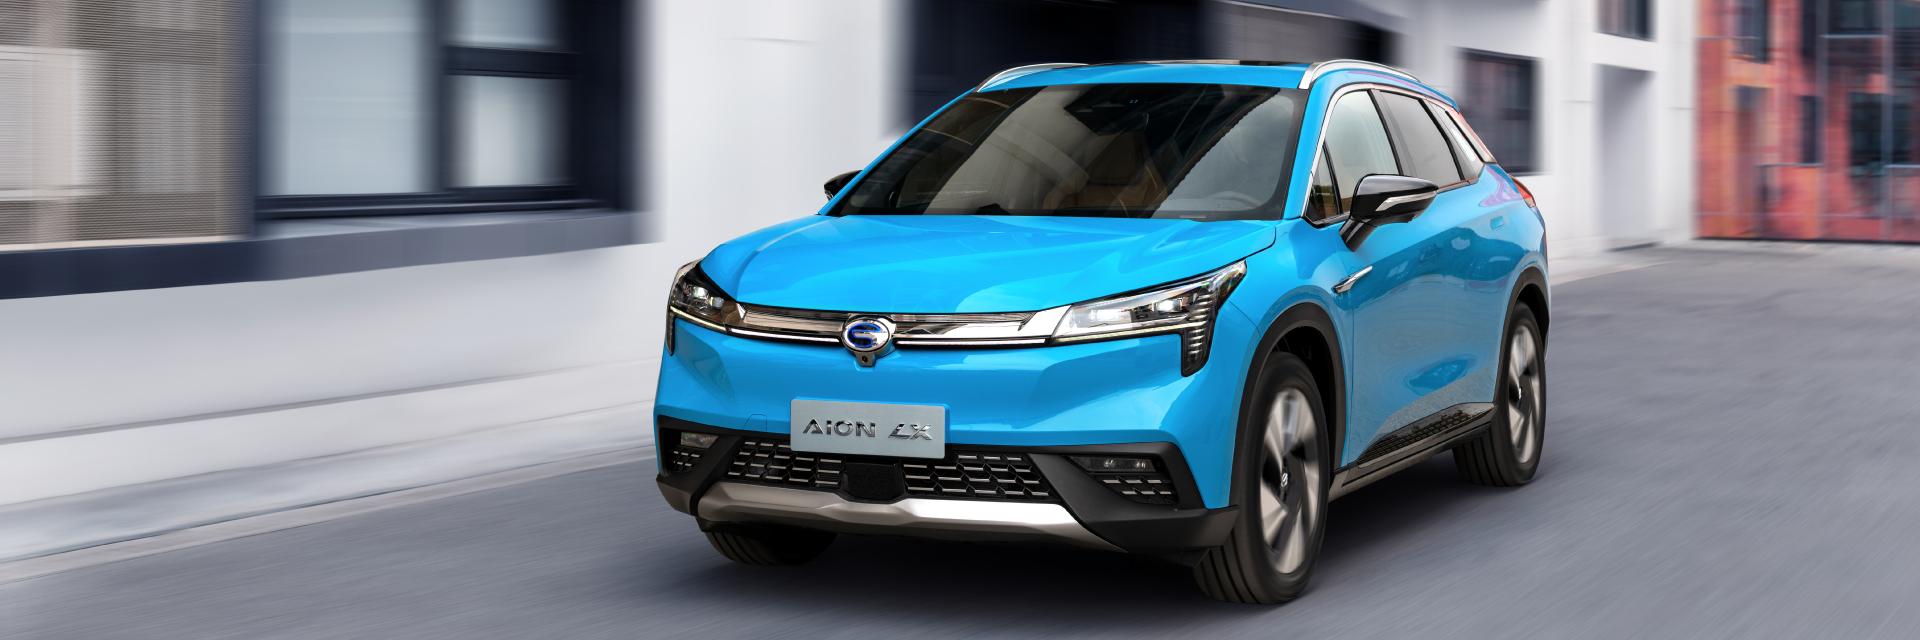 引时代追随 AION LX豪华智能SUV超跑